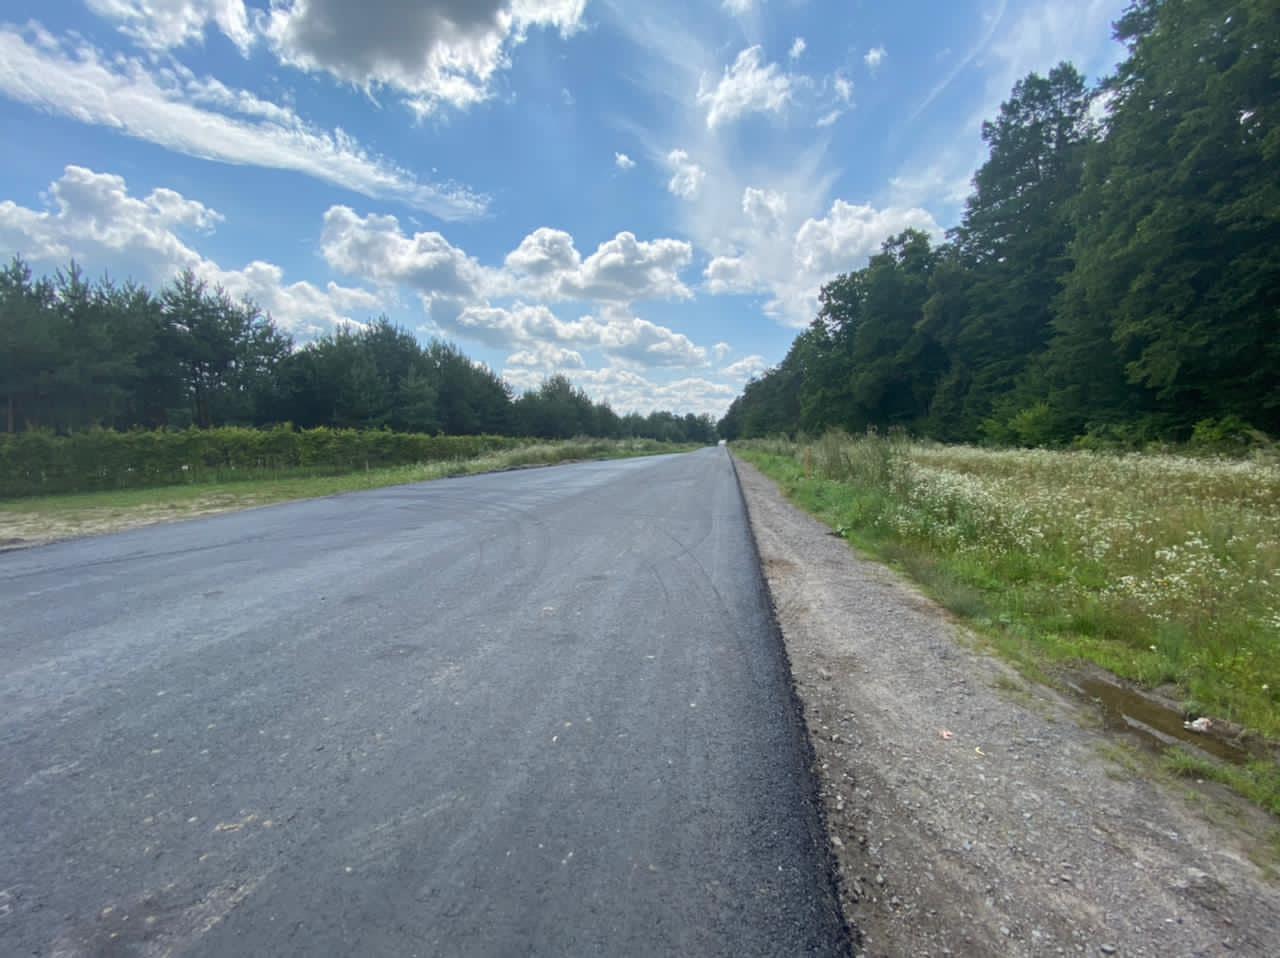 Ремонт автодороги Ясенів-Золочів на ділянці від Підгірців до Сасова обійдеться державі у 35 млн. грн.